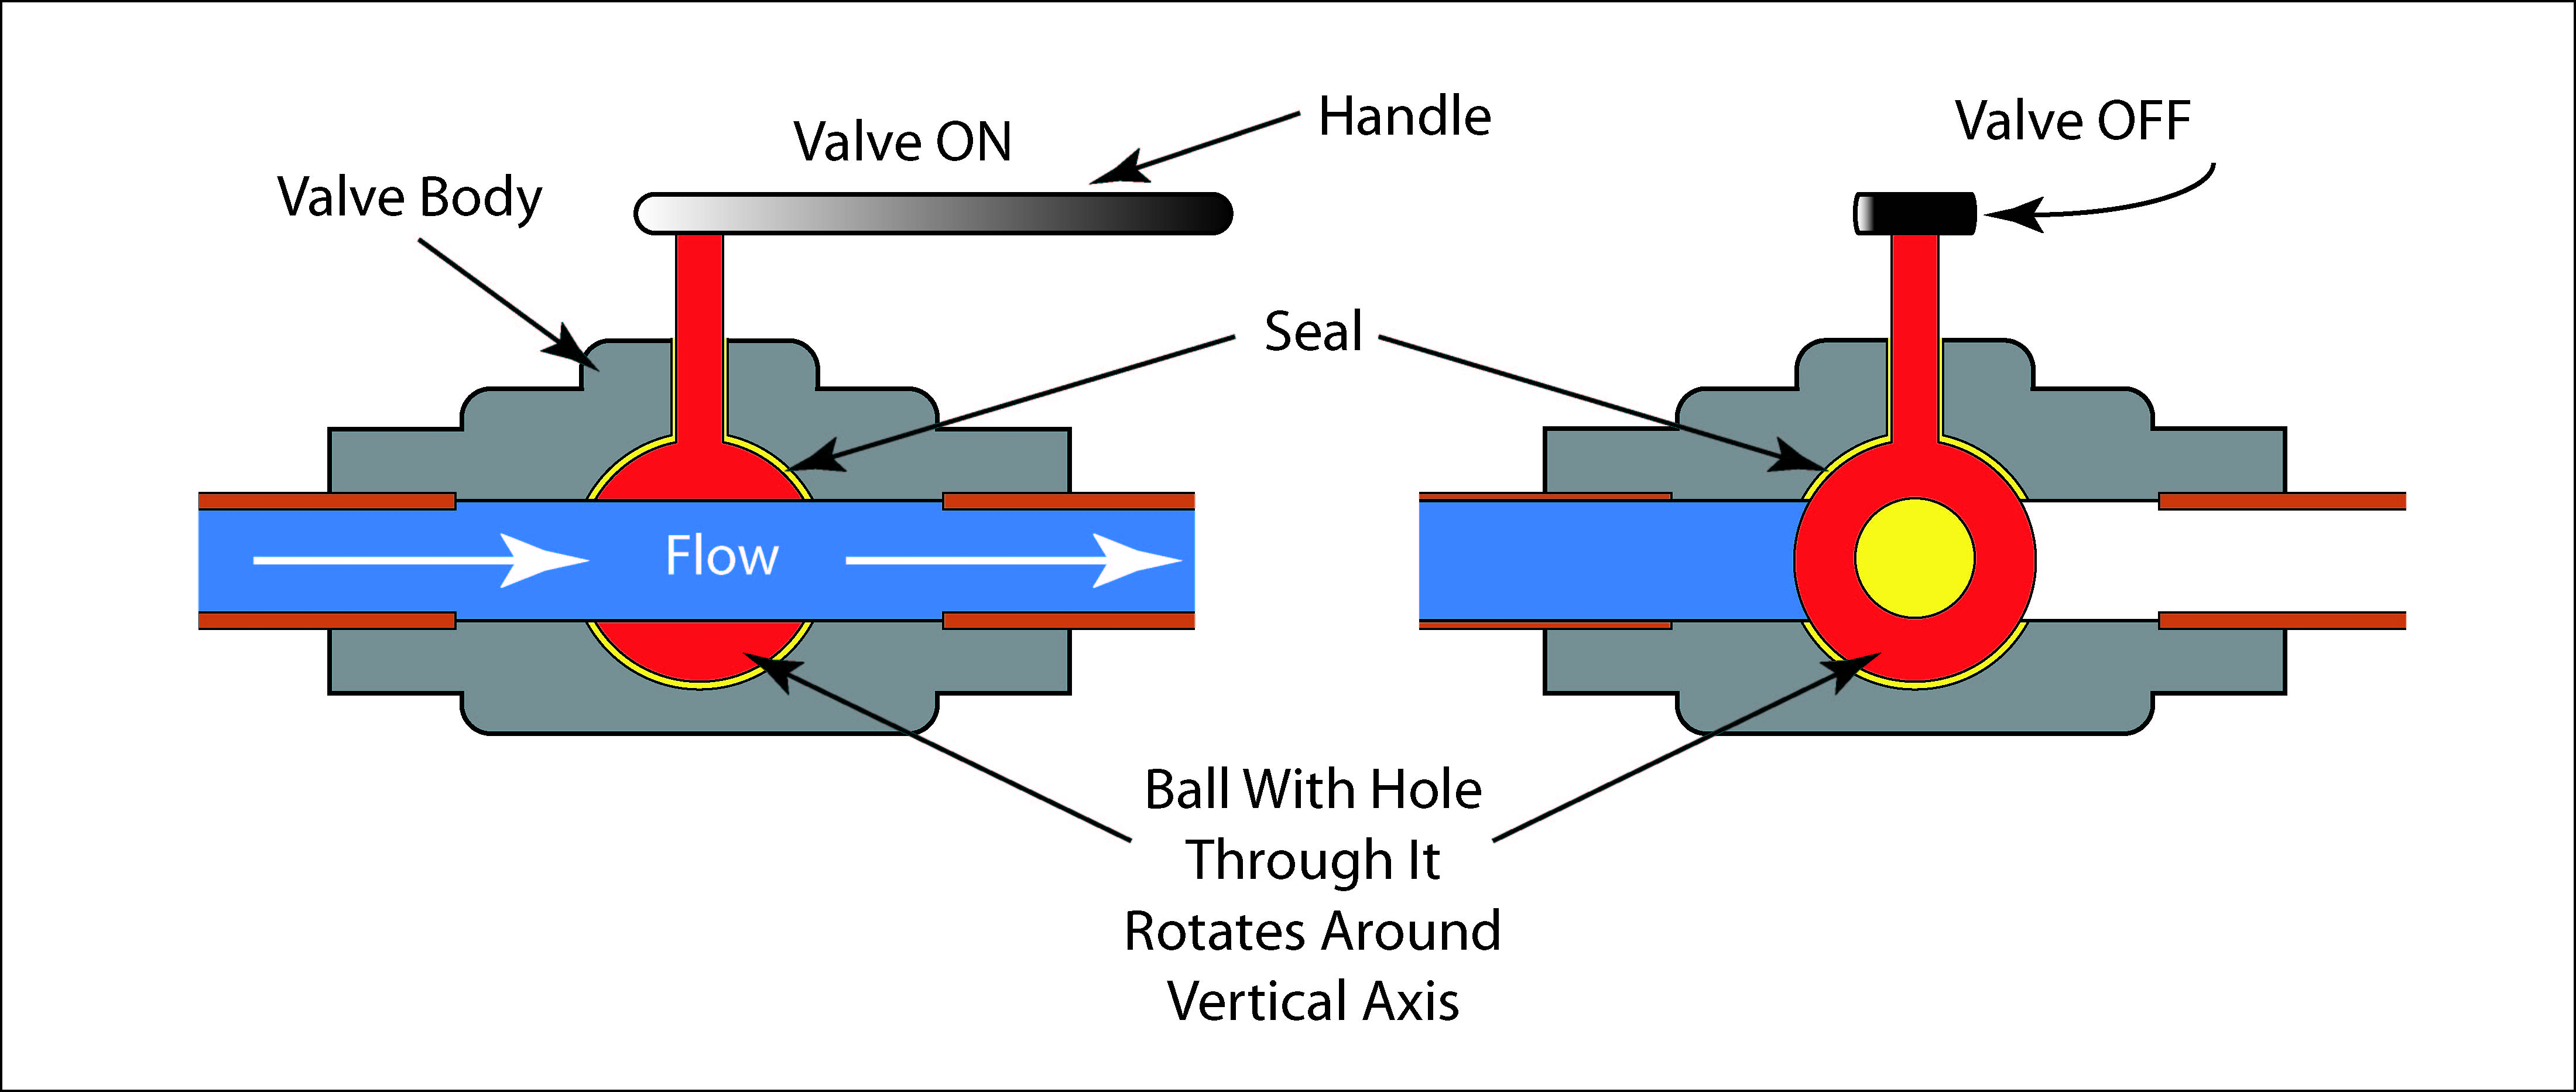 2 way vs 3 valve emg sa pickup wiring diagram ball check shut off